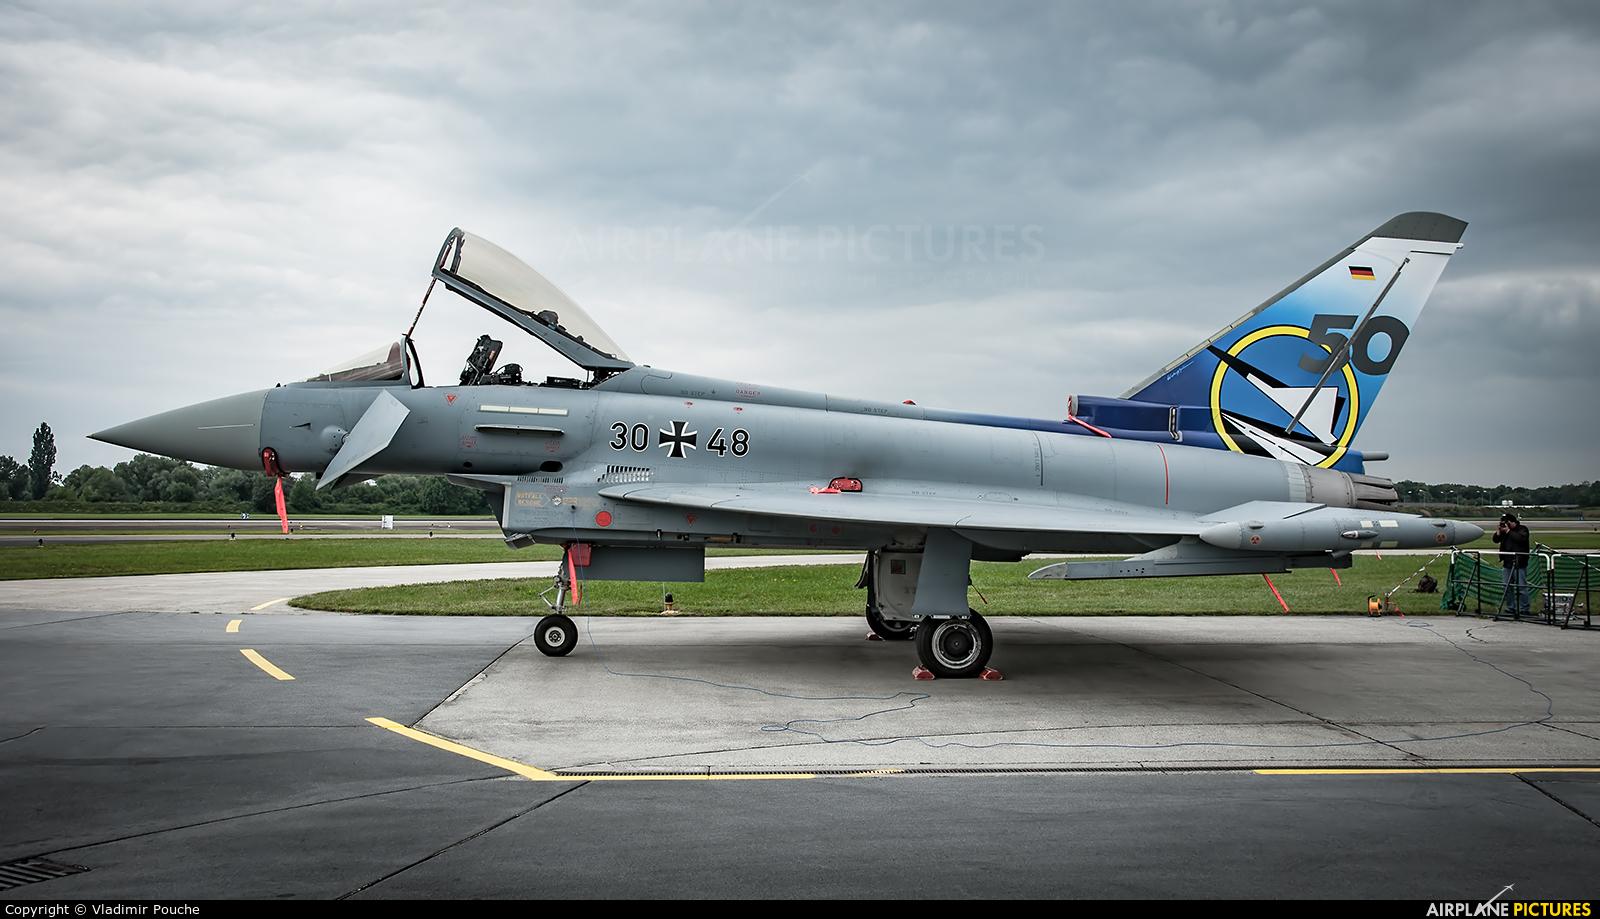 Germany - Air Force 30+48 aircraft at Neuburg - Zell